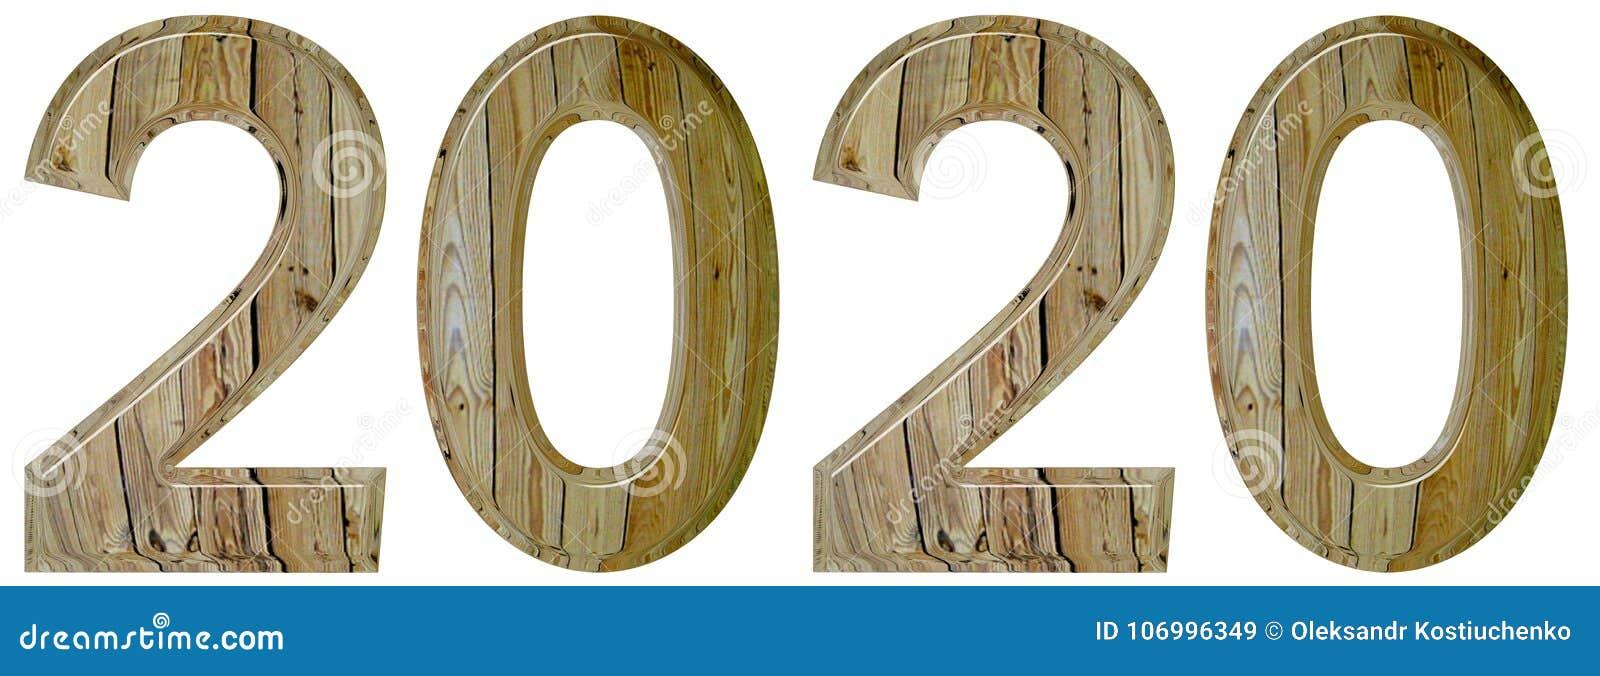 Numeral 2020 com um teste padrão abstrato de uma superfície de madeira, isola